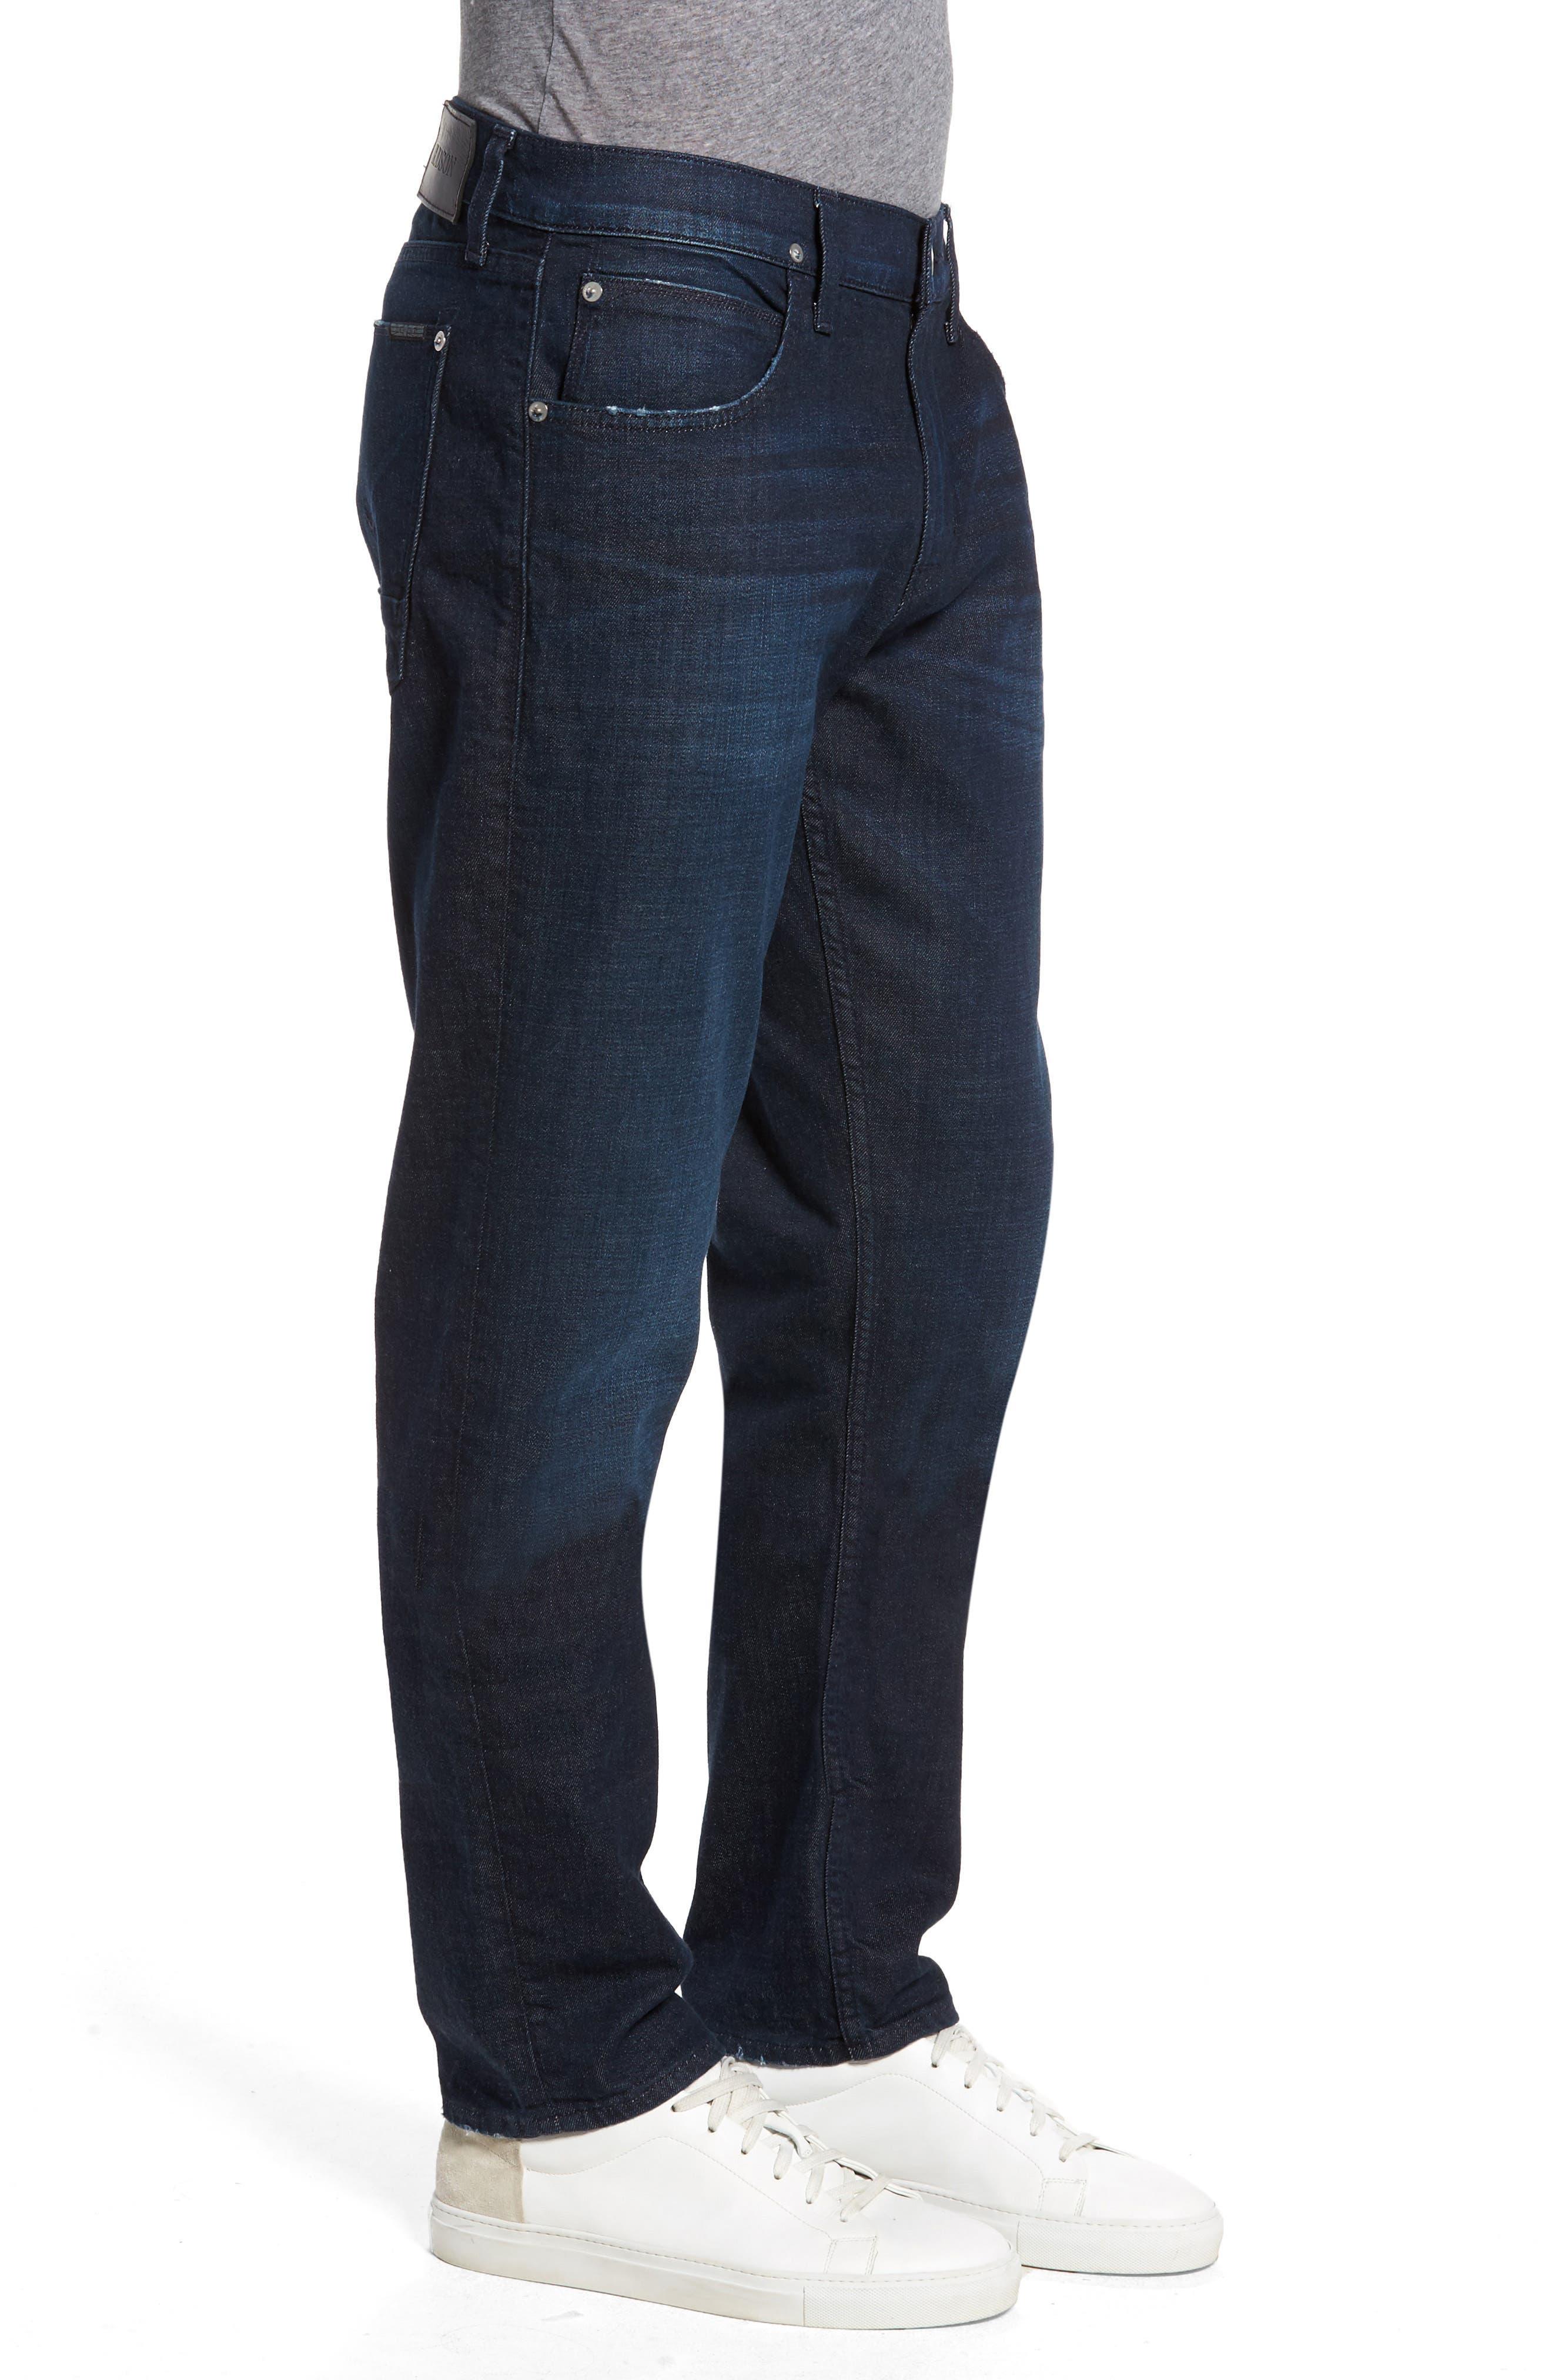 Blake Slim Fit Jeans,                             Alternate thumbnail 3, color,                             EVENING HUSH